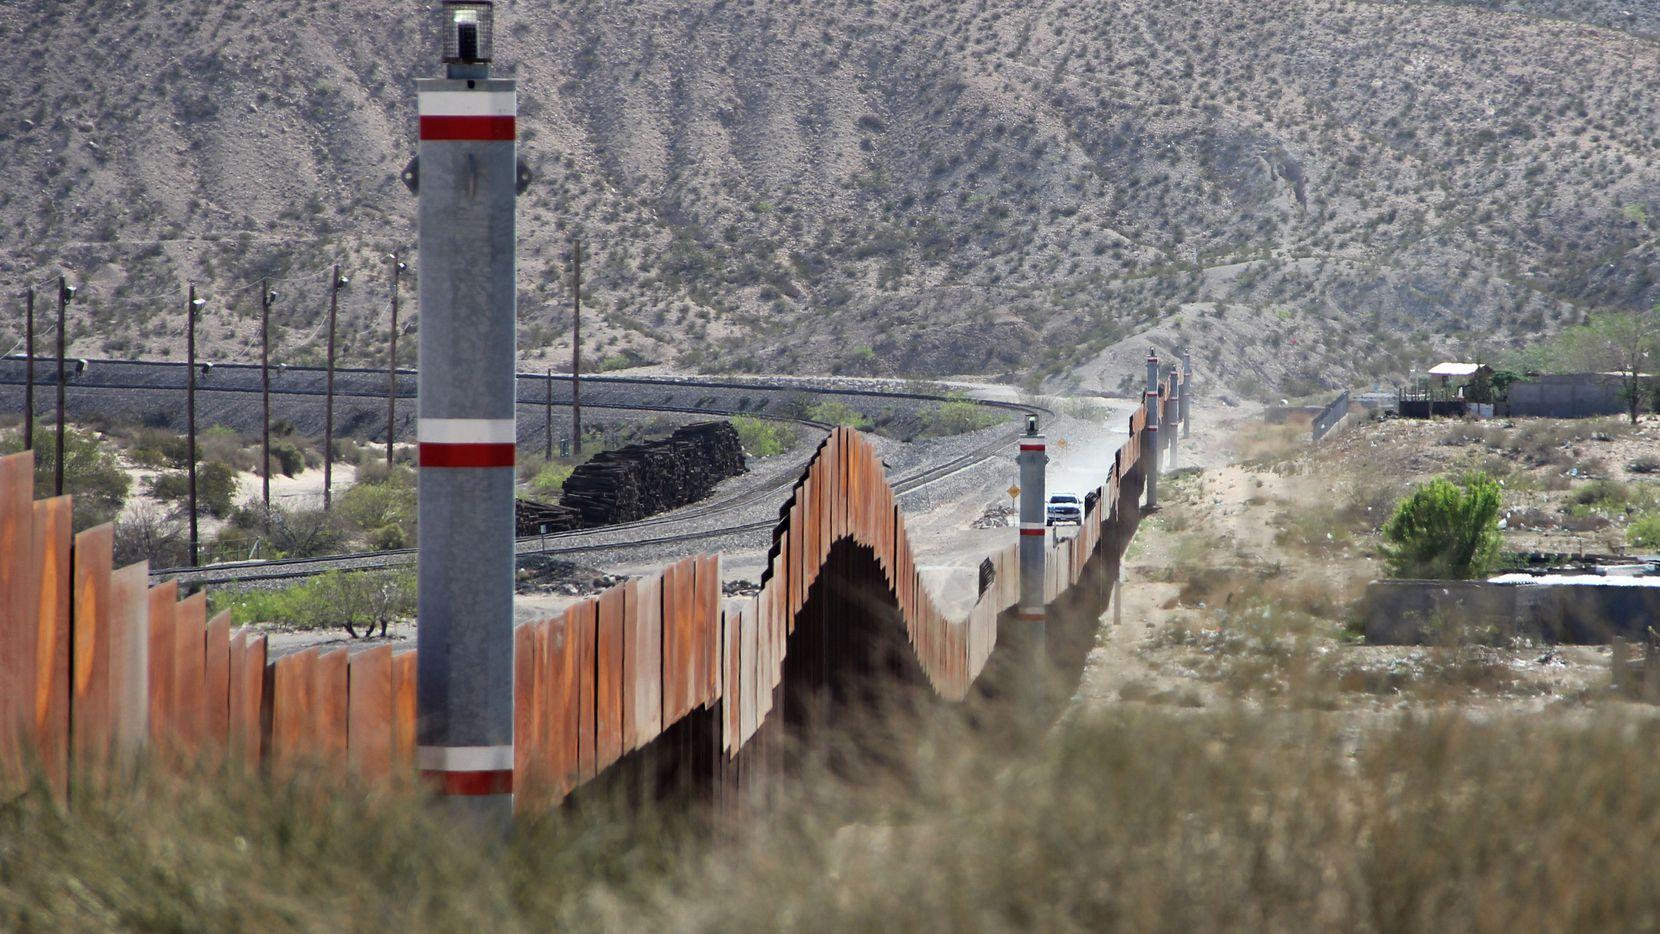 La barda fronteriza entre Nuevo Mexico y Chihuahua, México. GETTY IMAGES.